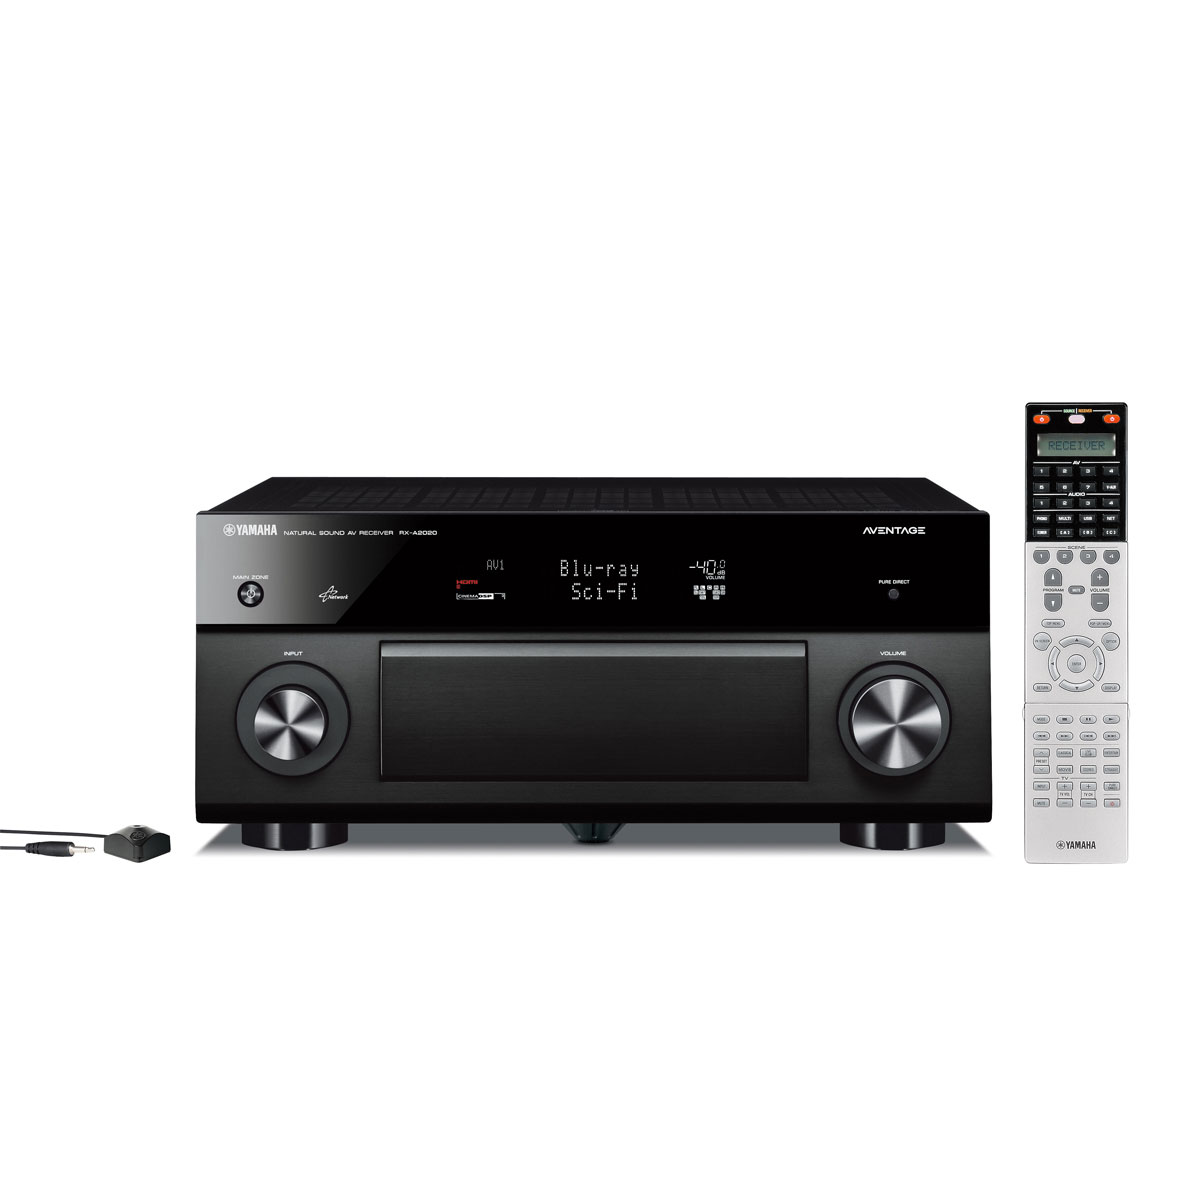 Ampli home cinéma Yamaha RX-A2020 Noir Ampli-tuner Home Cinema Aventage 3D Ready 9.2 DLNA AirPlay avec 8 entrées HDMI 1.4, Décodeurs HD et traitement vidéo HQV